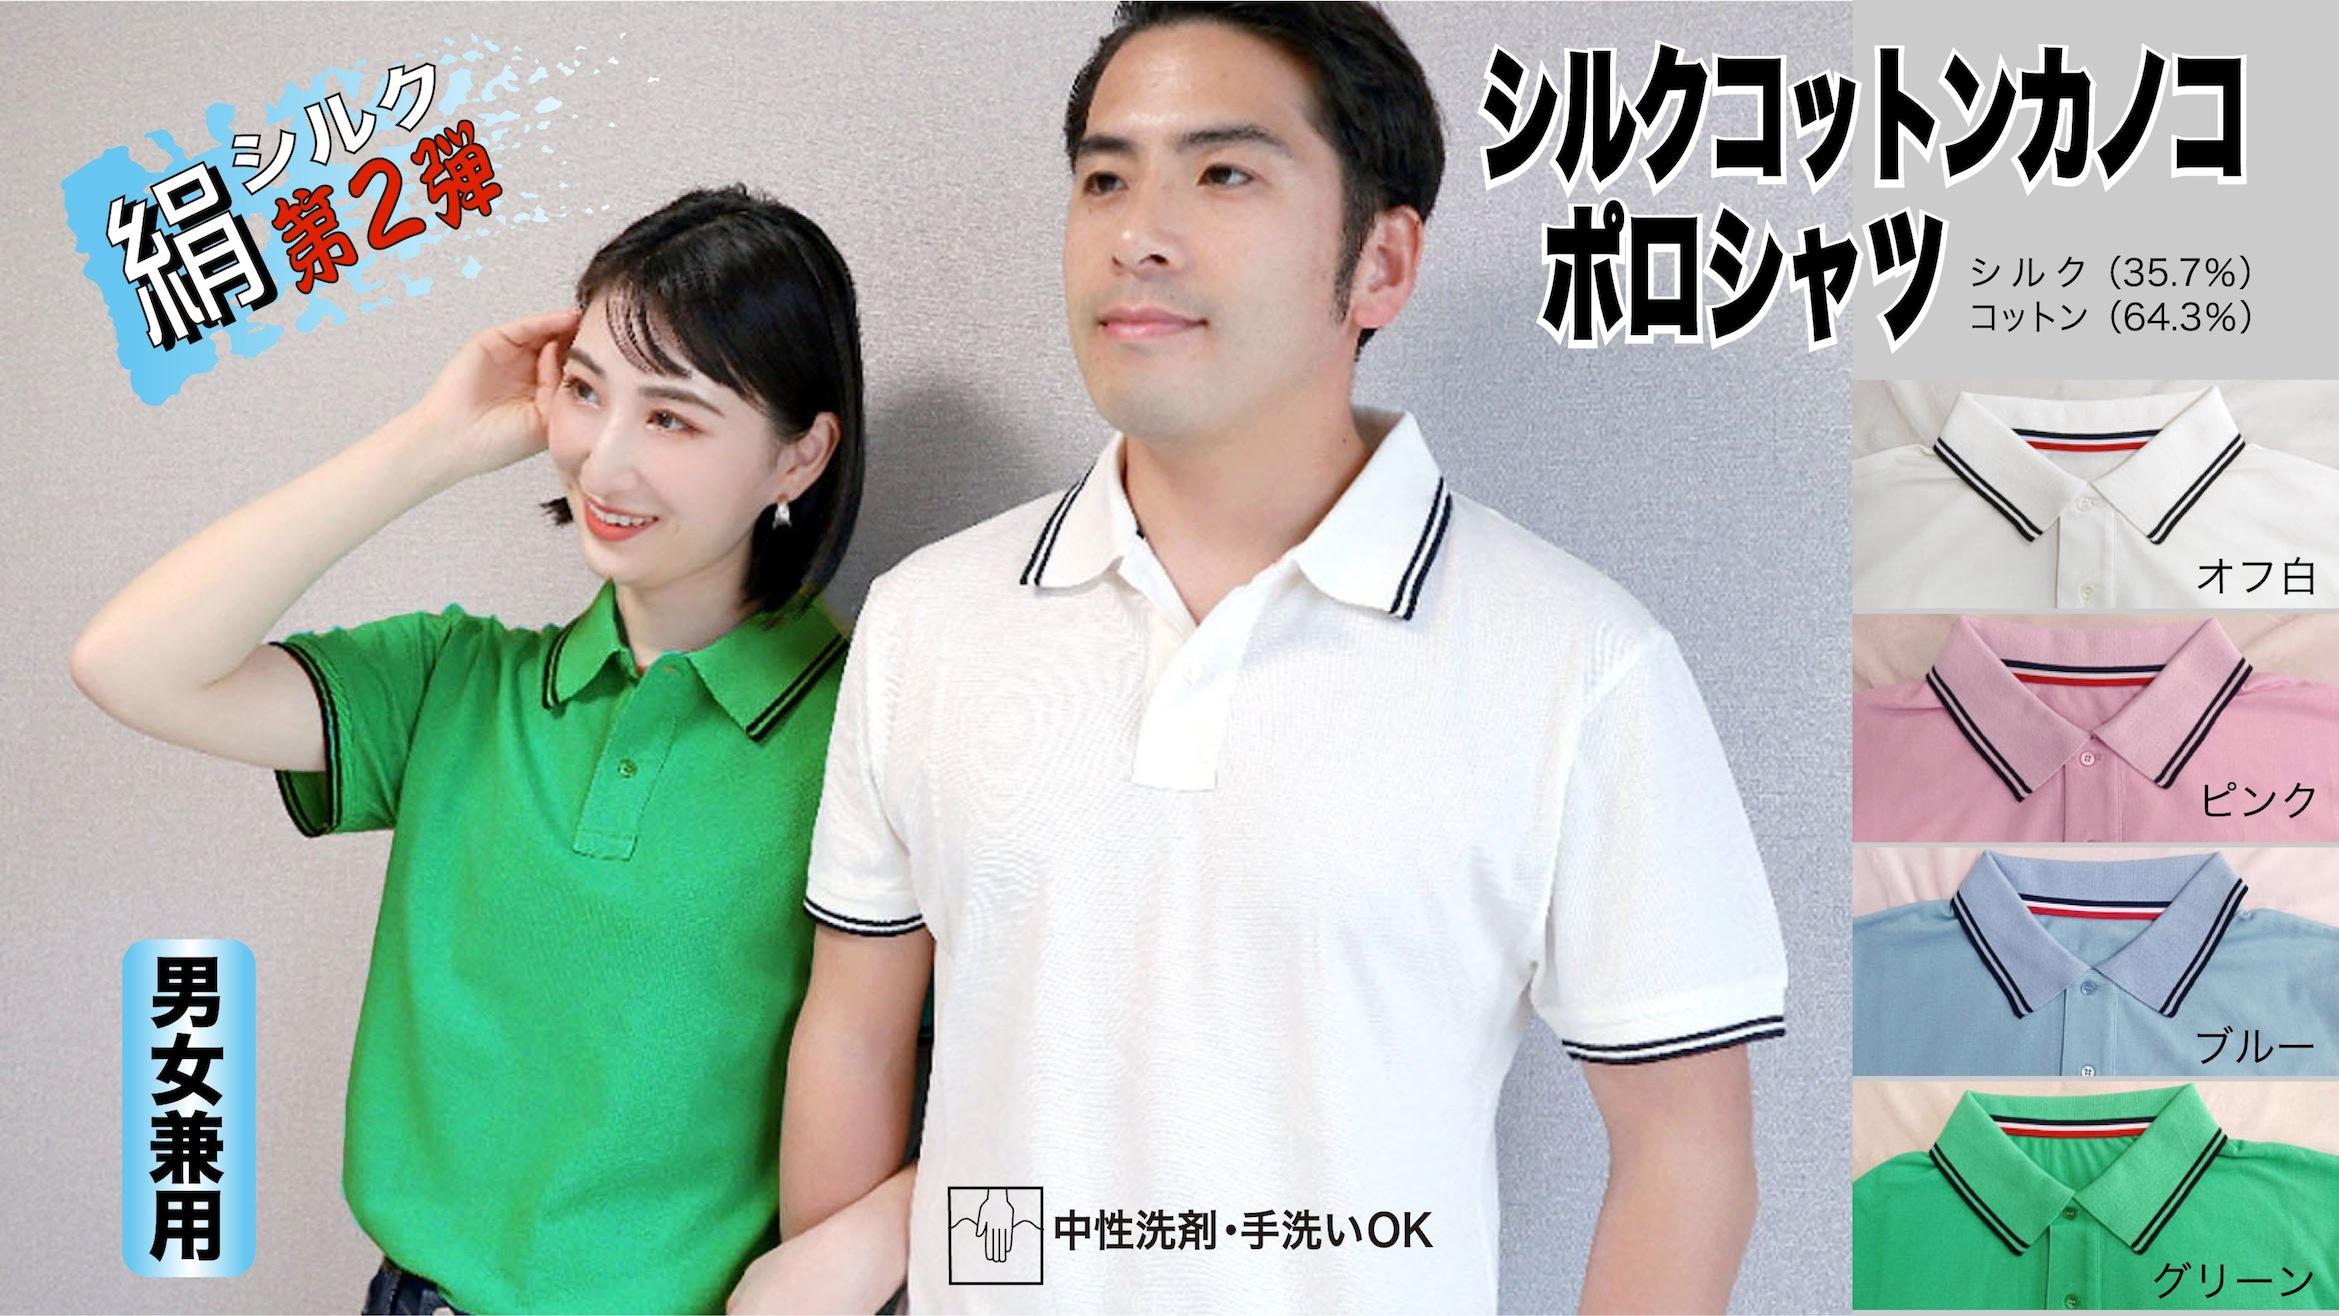 シルクのポロシャツです。